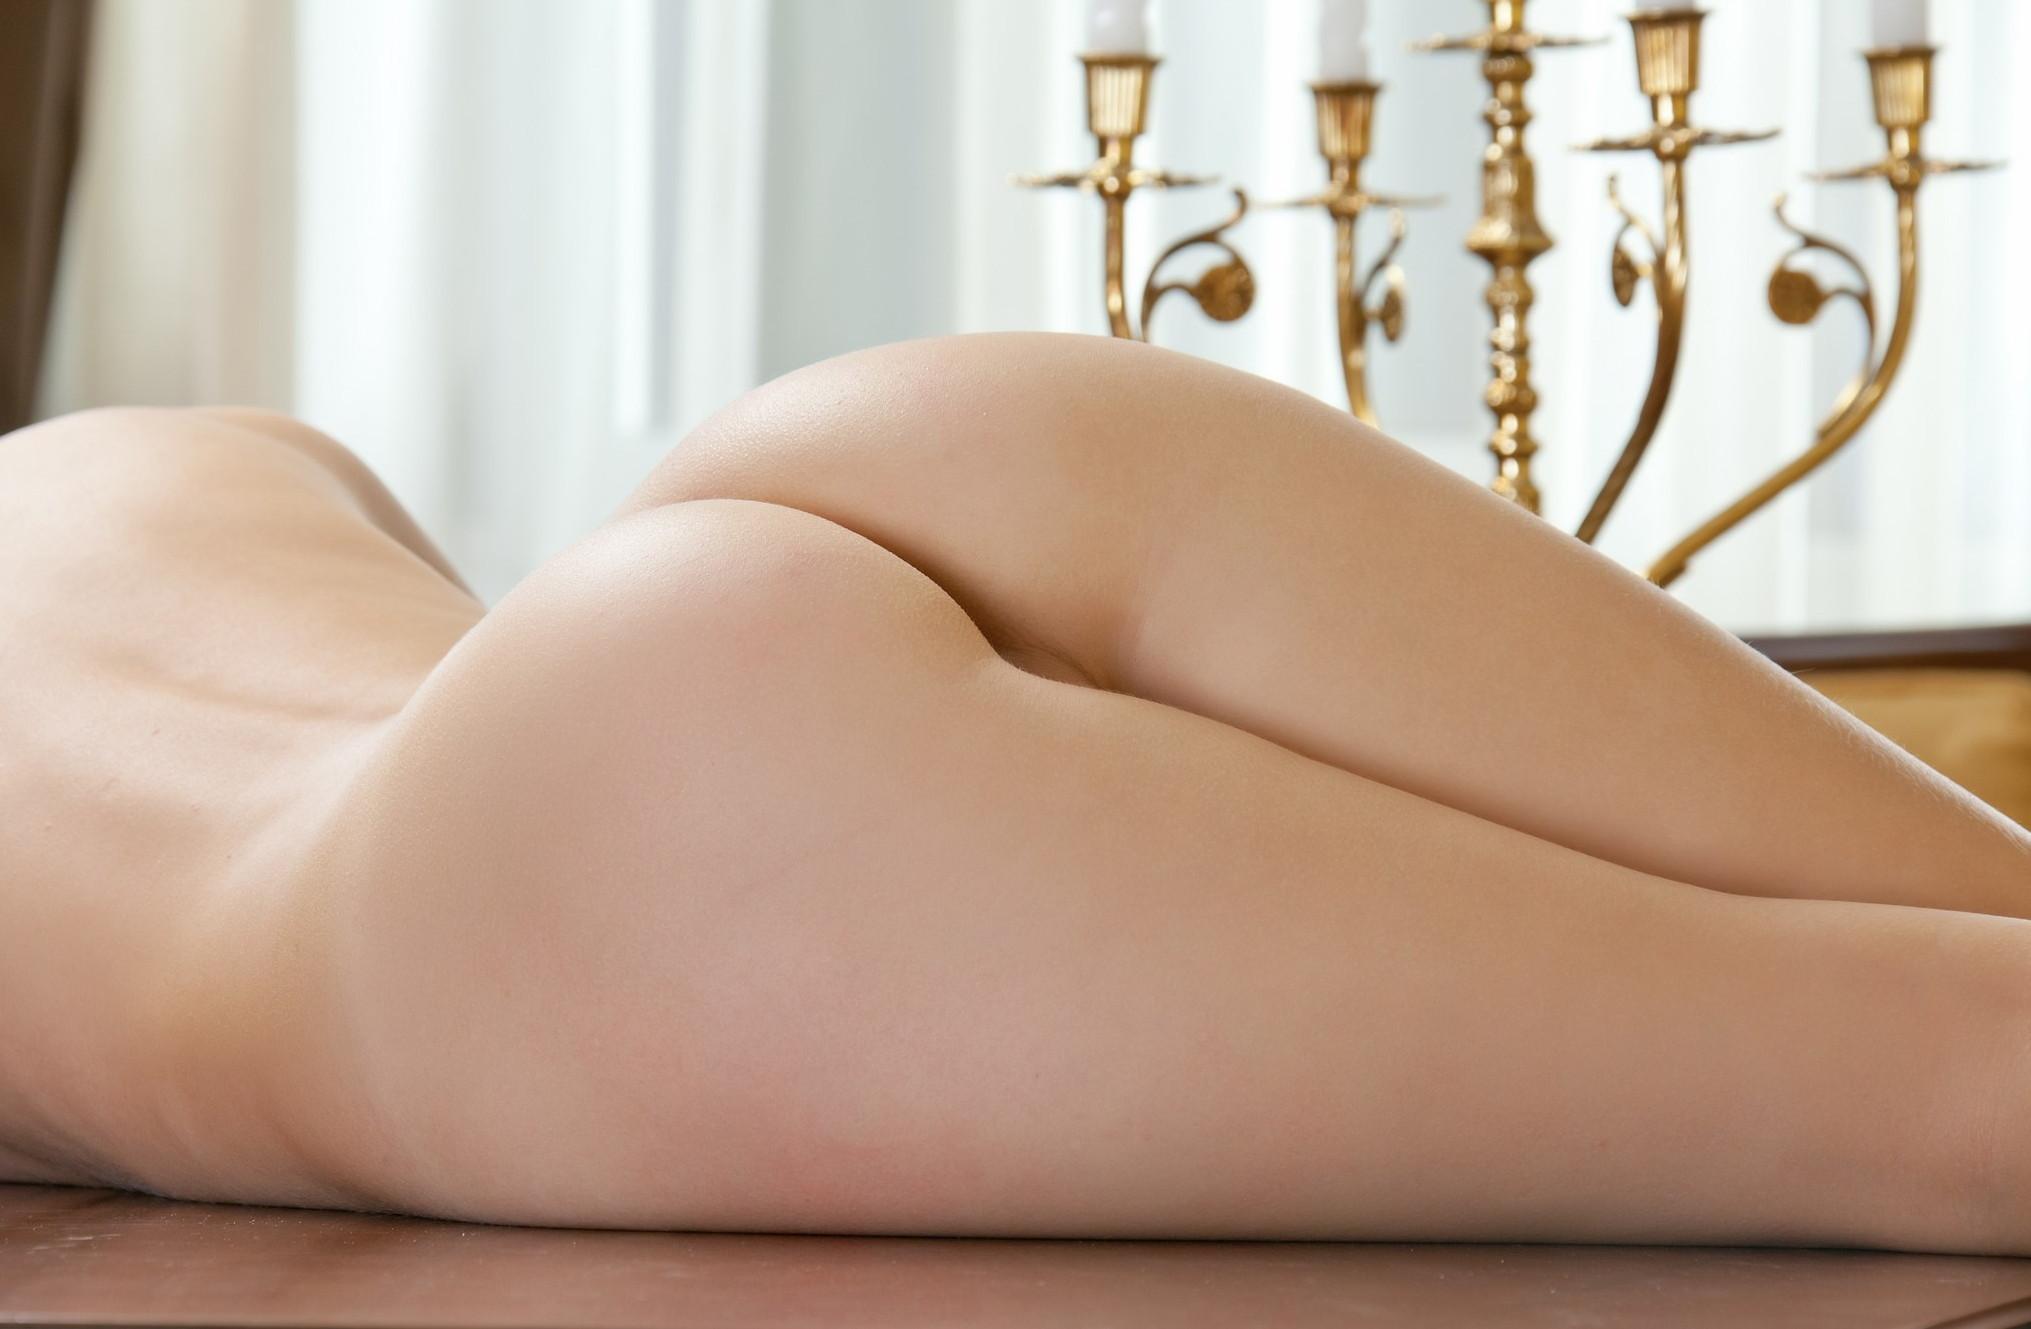 【美尻エロ画像】肌も形も絶品!雄を誘ってイヤらしく構えた極上美尻www 10